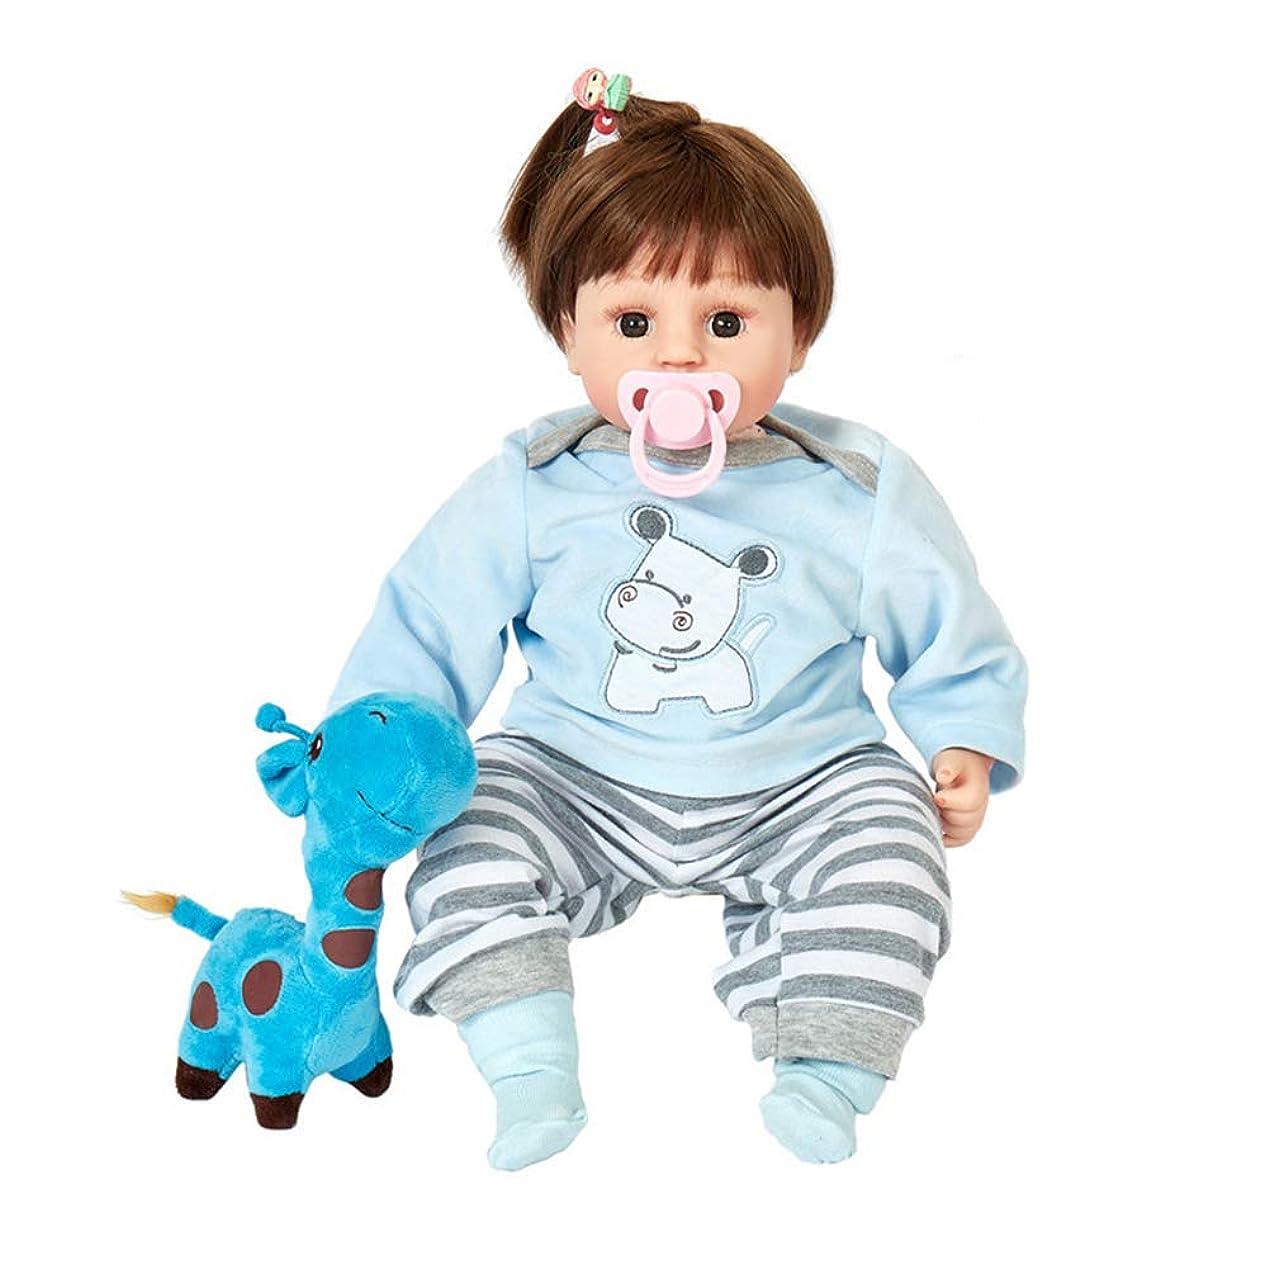 昼寝大型トラックどれでもラブリーリボーン人形かわいい47センチメートルソフトシリコーンビニール人形の幼児の人形、少年少女のための実式と運動ベストおもちゃとインタラクティブなベビードール,ブルー